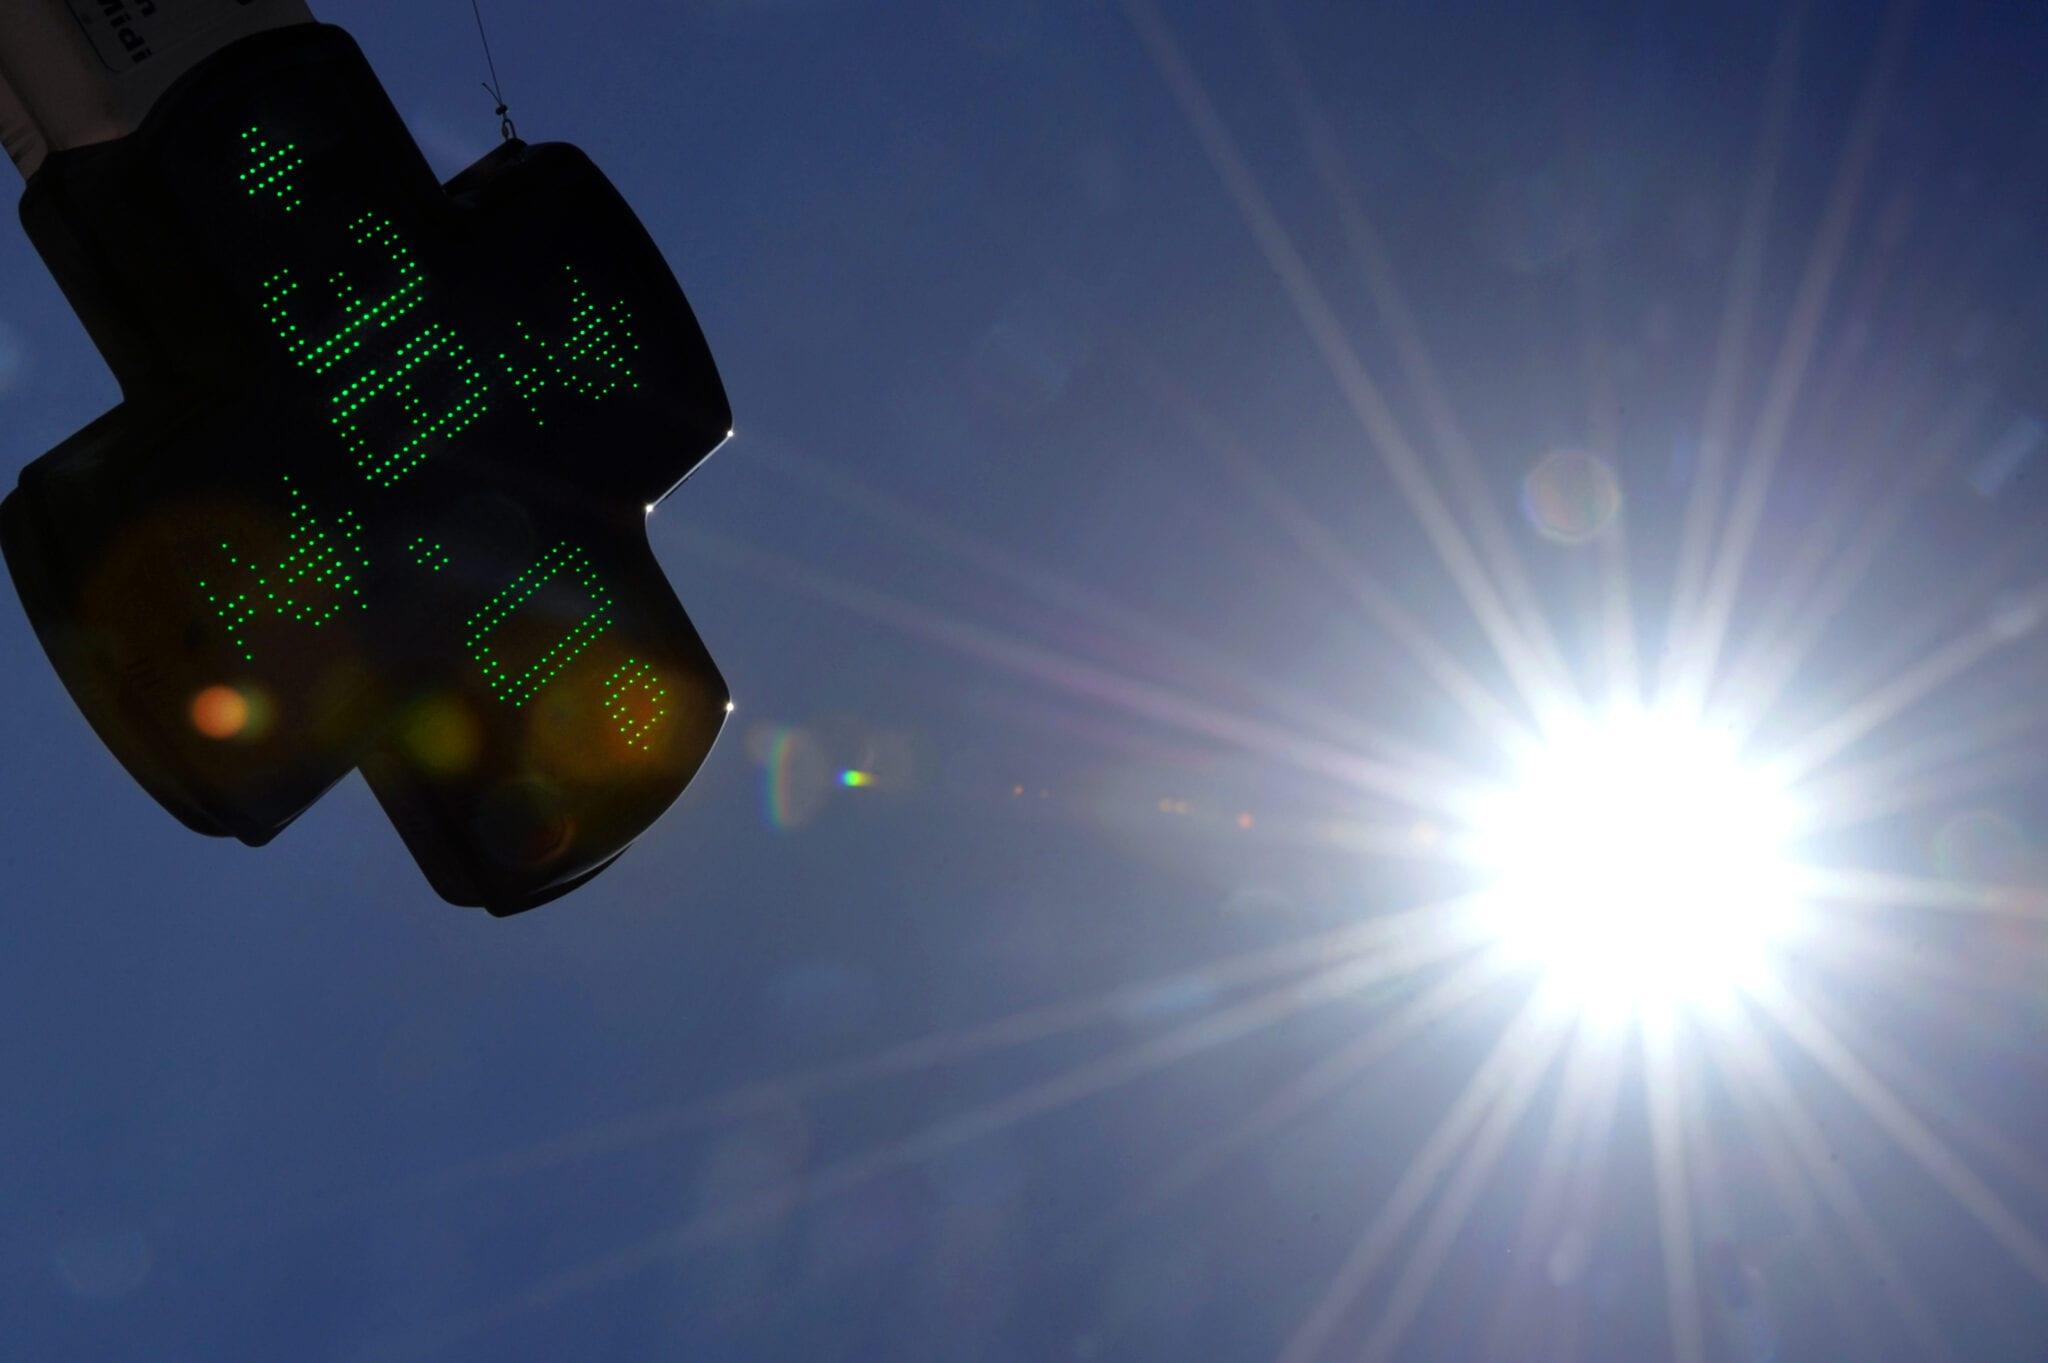 Juillet 2019, mois des températures les plus élevées au monde